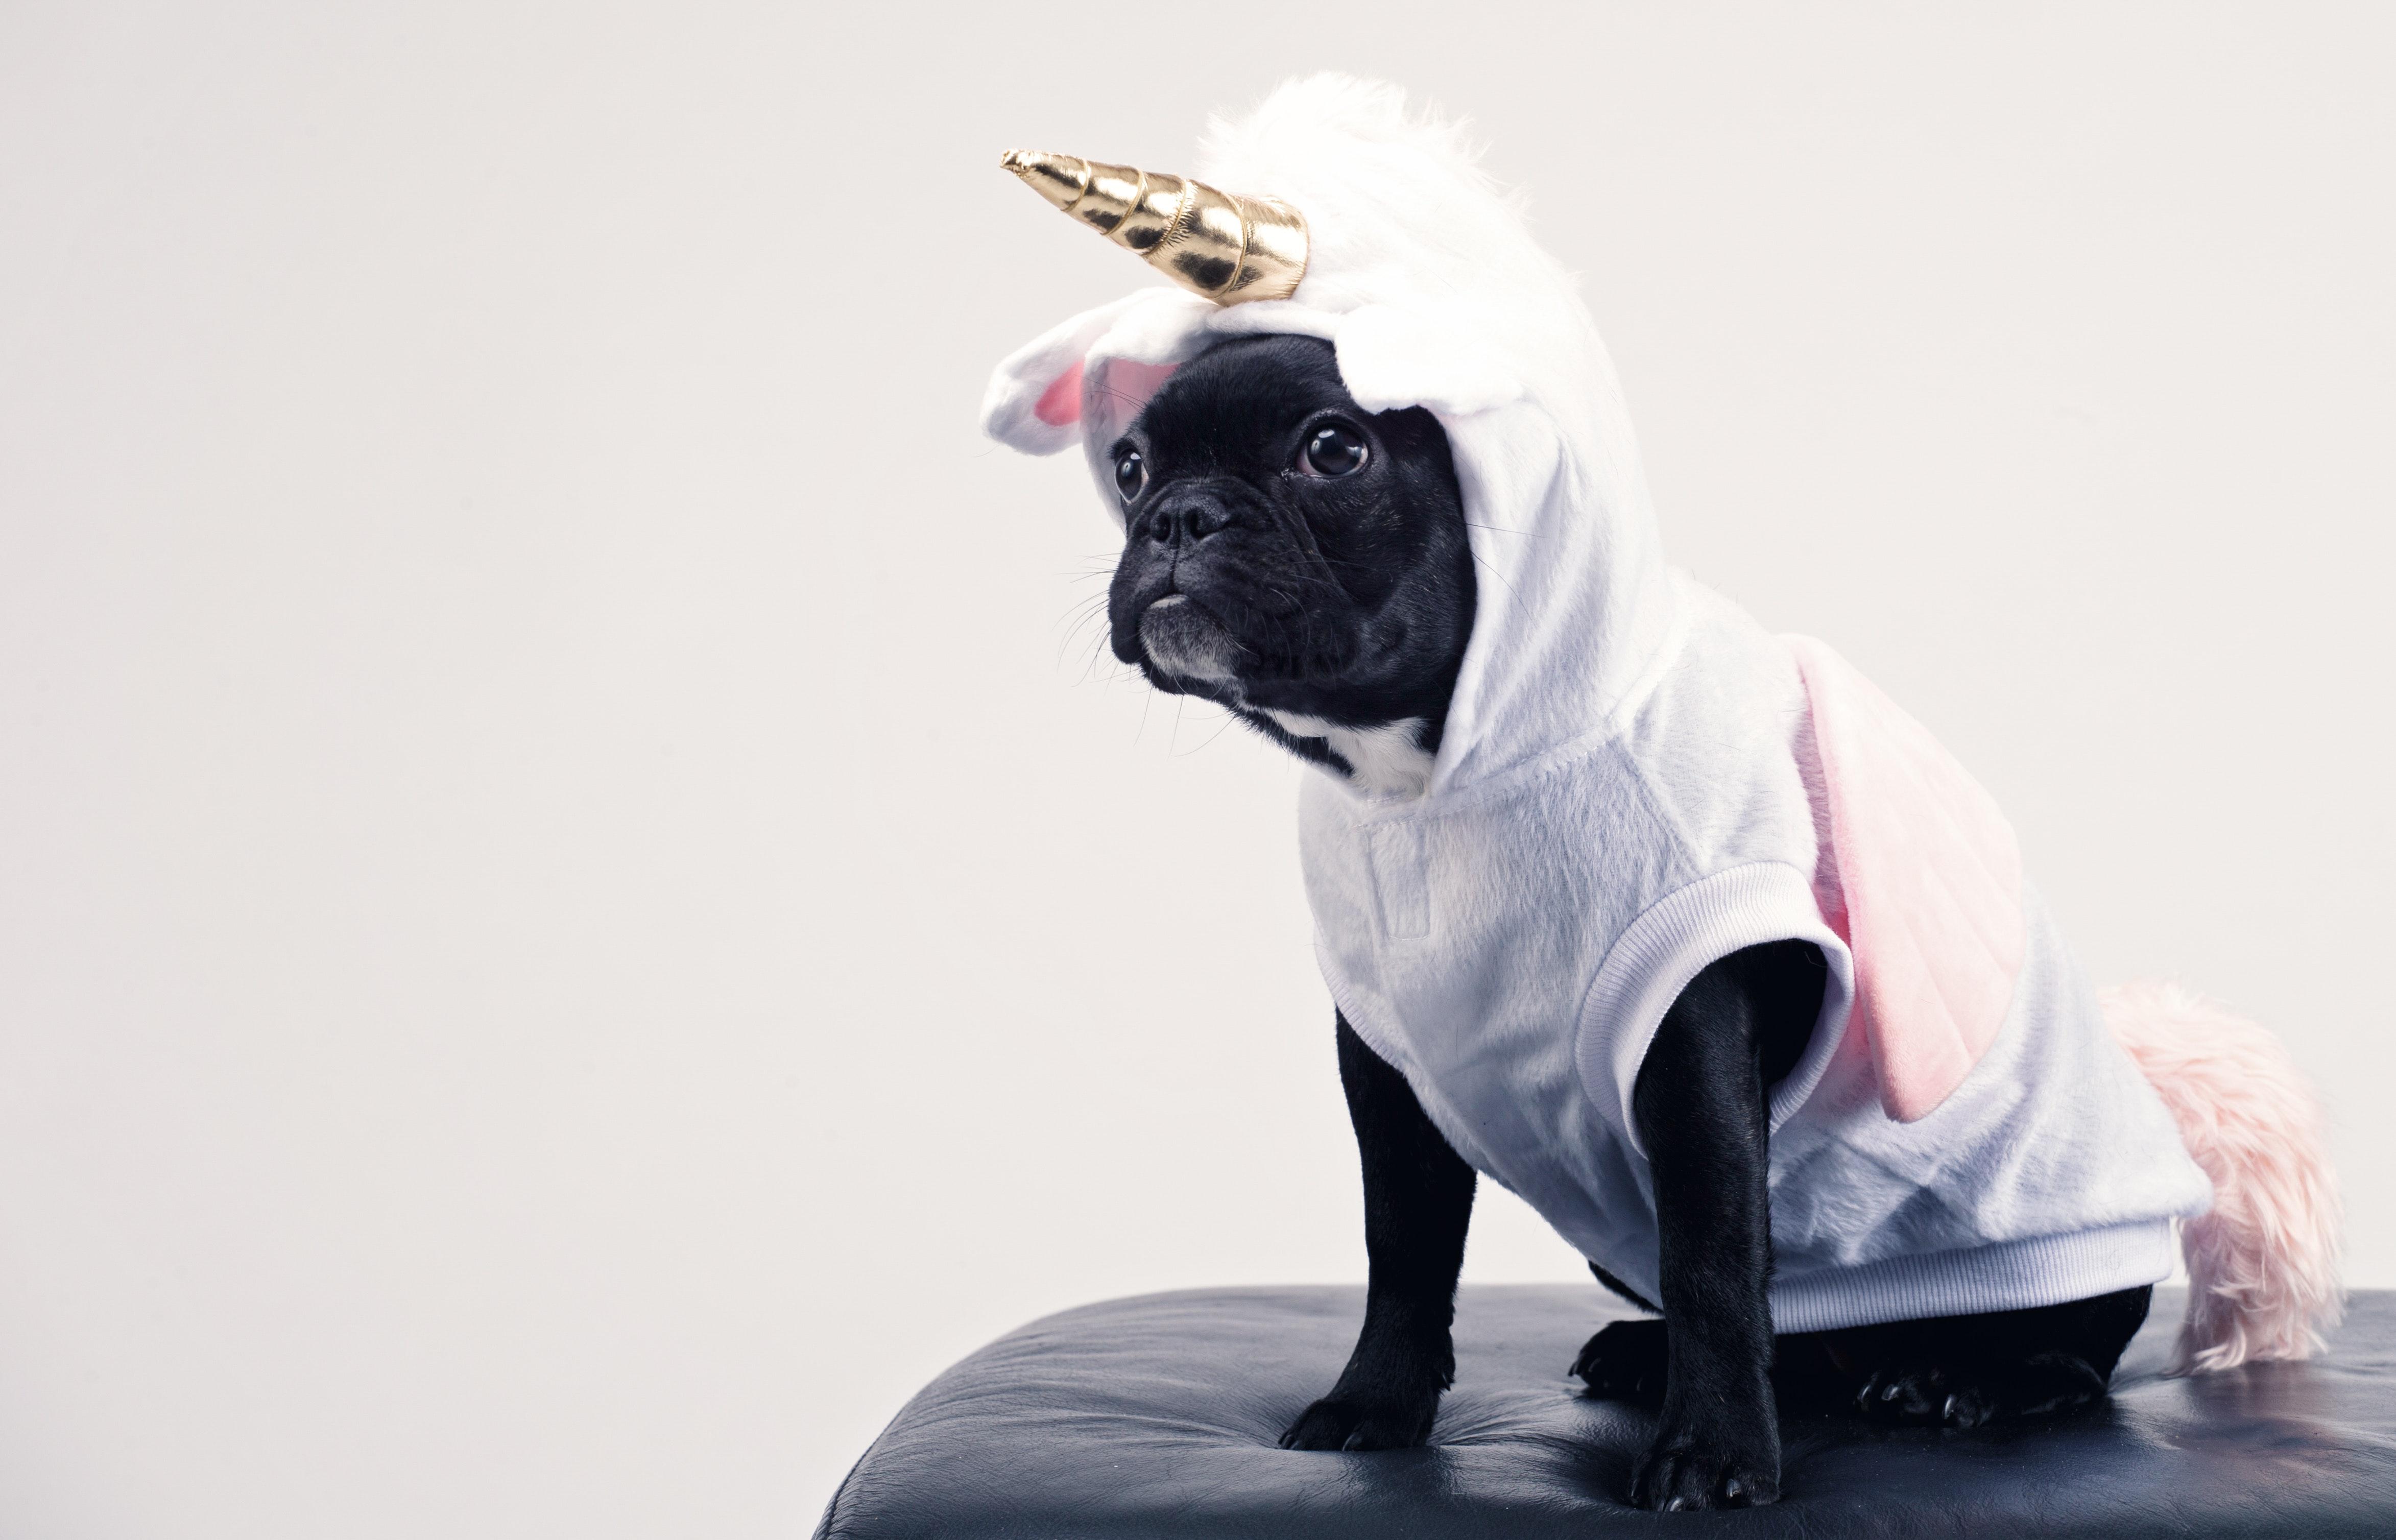 Počlovečenje je za psa ponižujoče, neprijazno in nepošteno